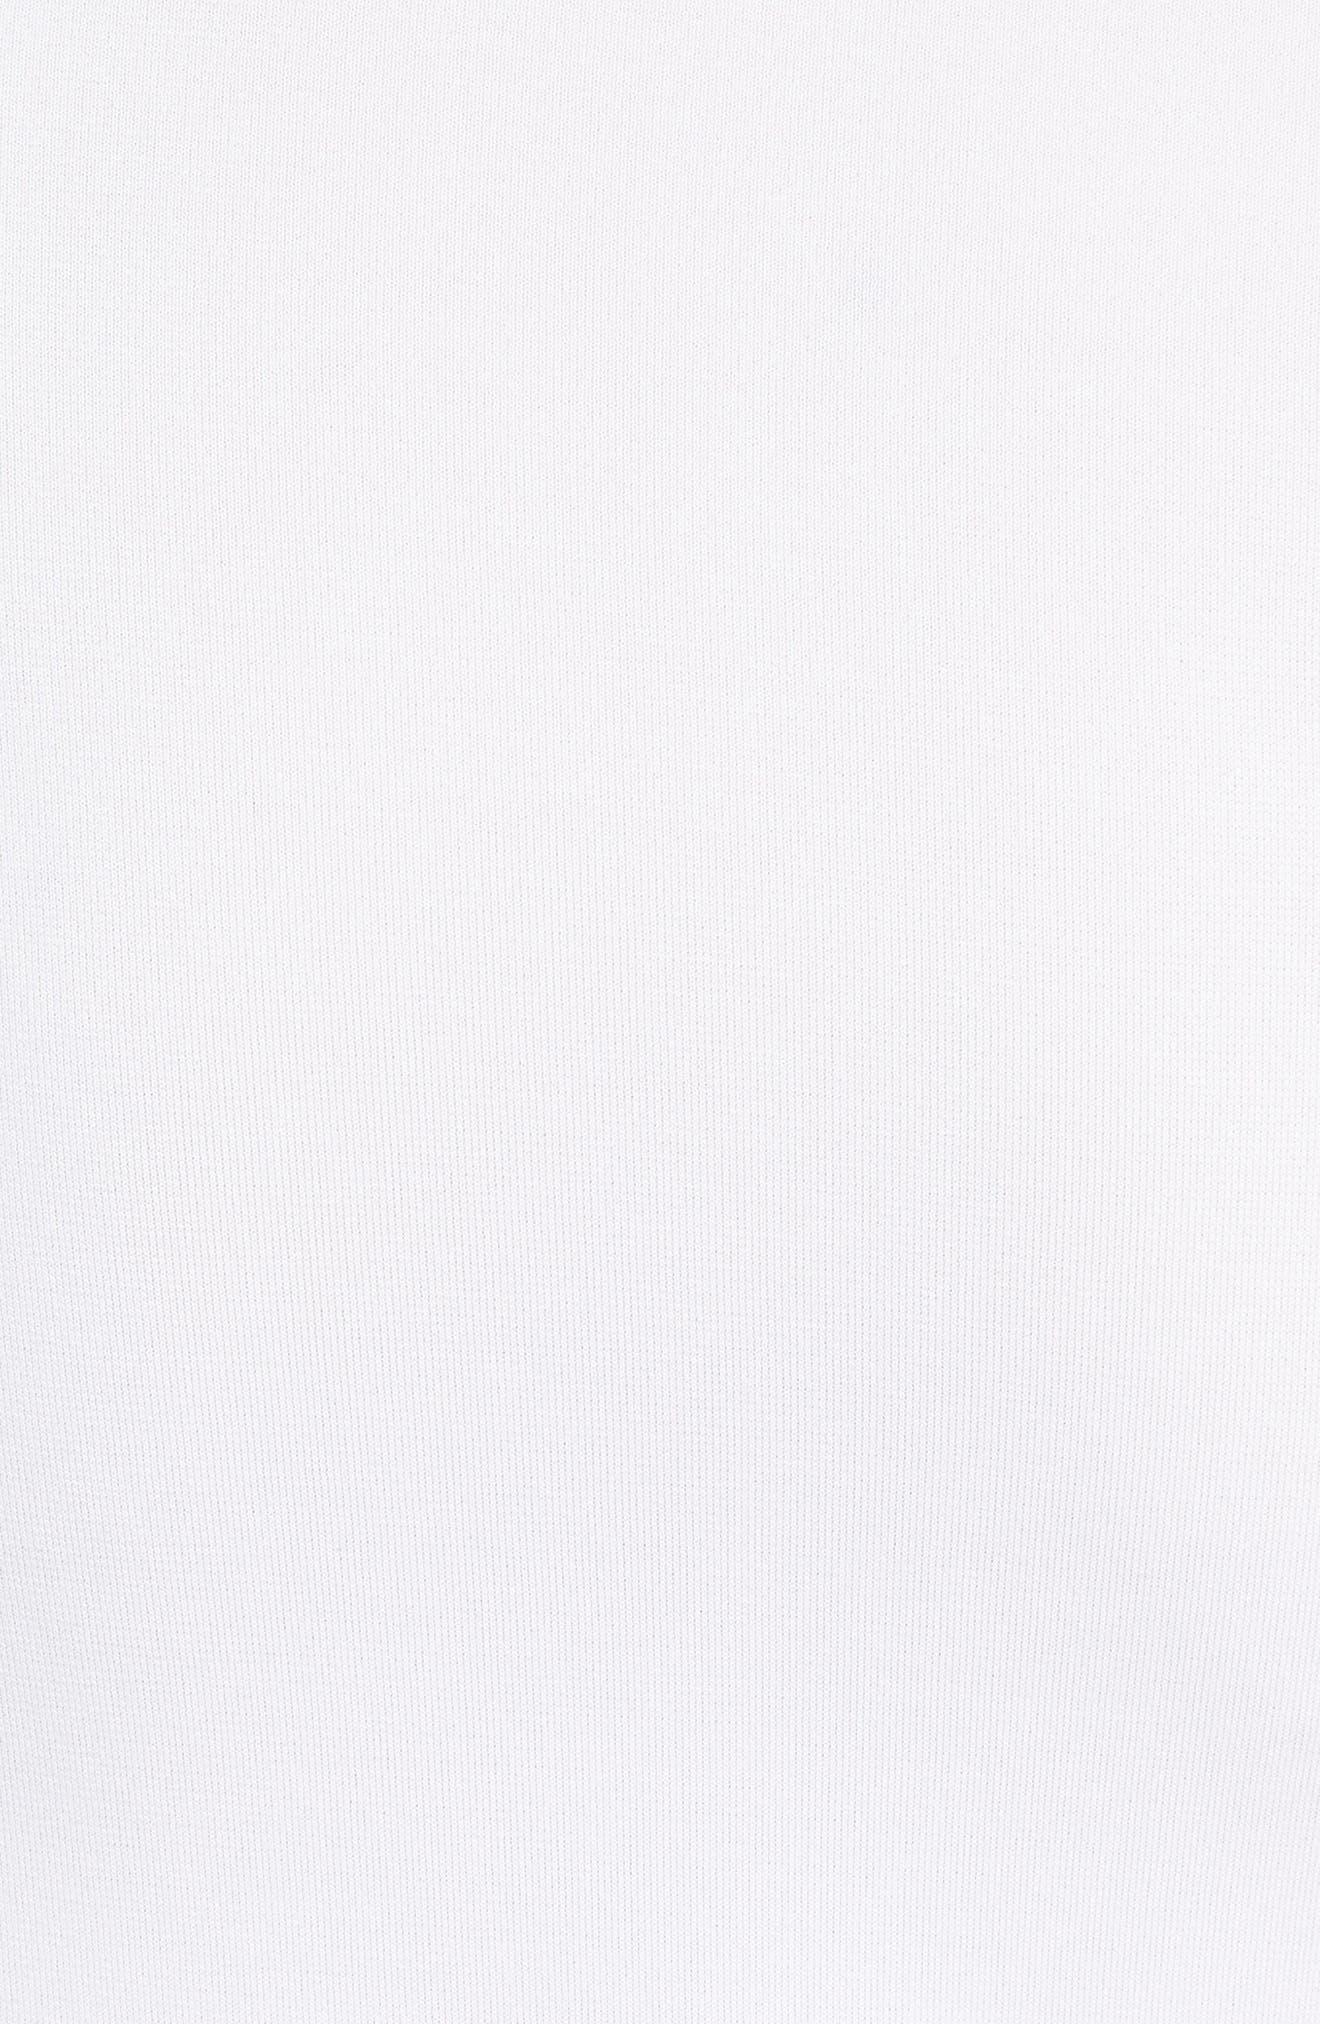 Hyper Dry Training T-Shirt,                             Alternate thumbnail 6, color,                             White/ White/ Black